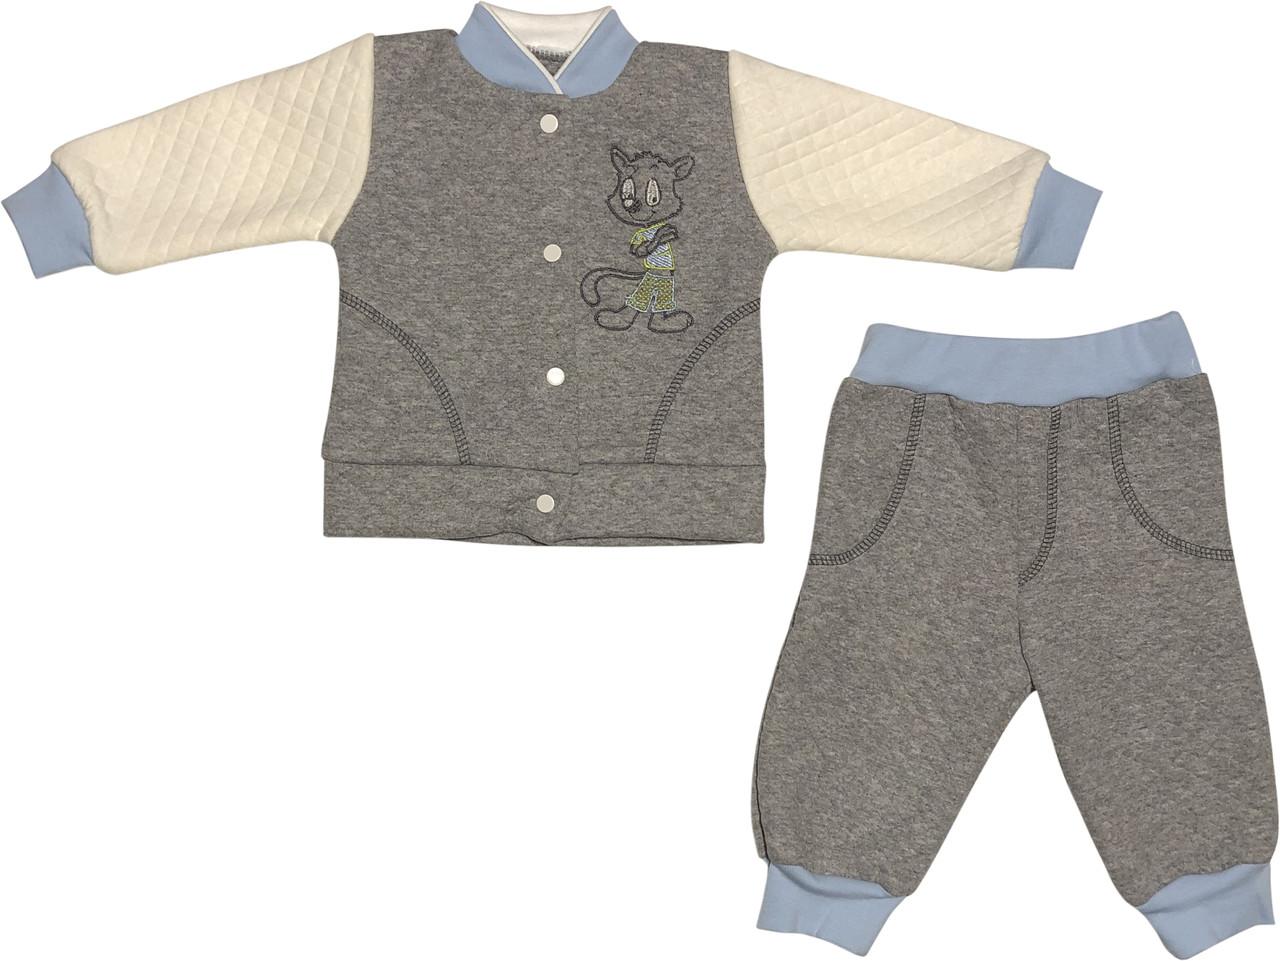 Костюм на хлопчика ріст 62 2-3 міс для новонароджених малюків комплект дитячий трикотаж капітон бавовна сірий